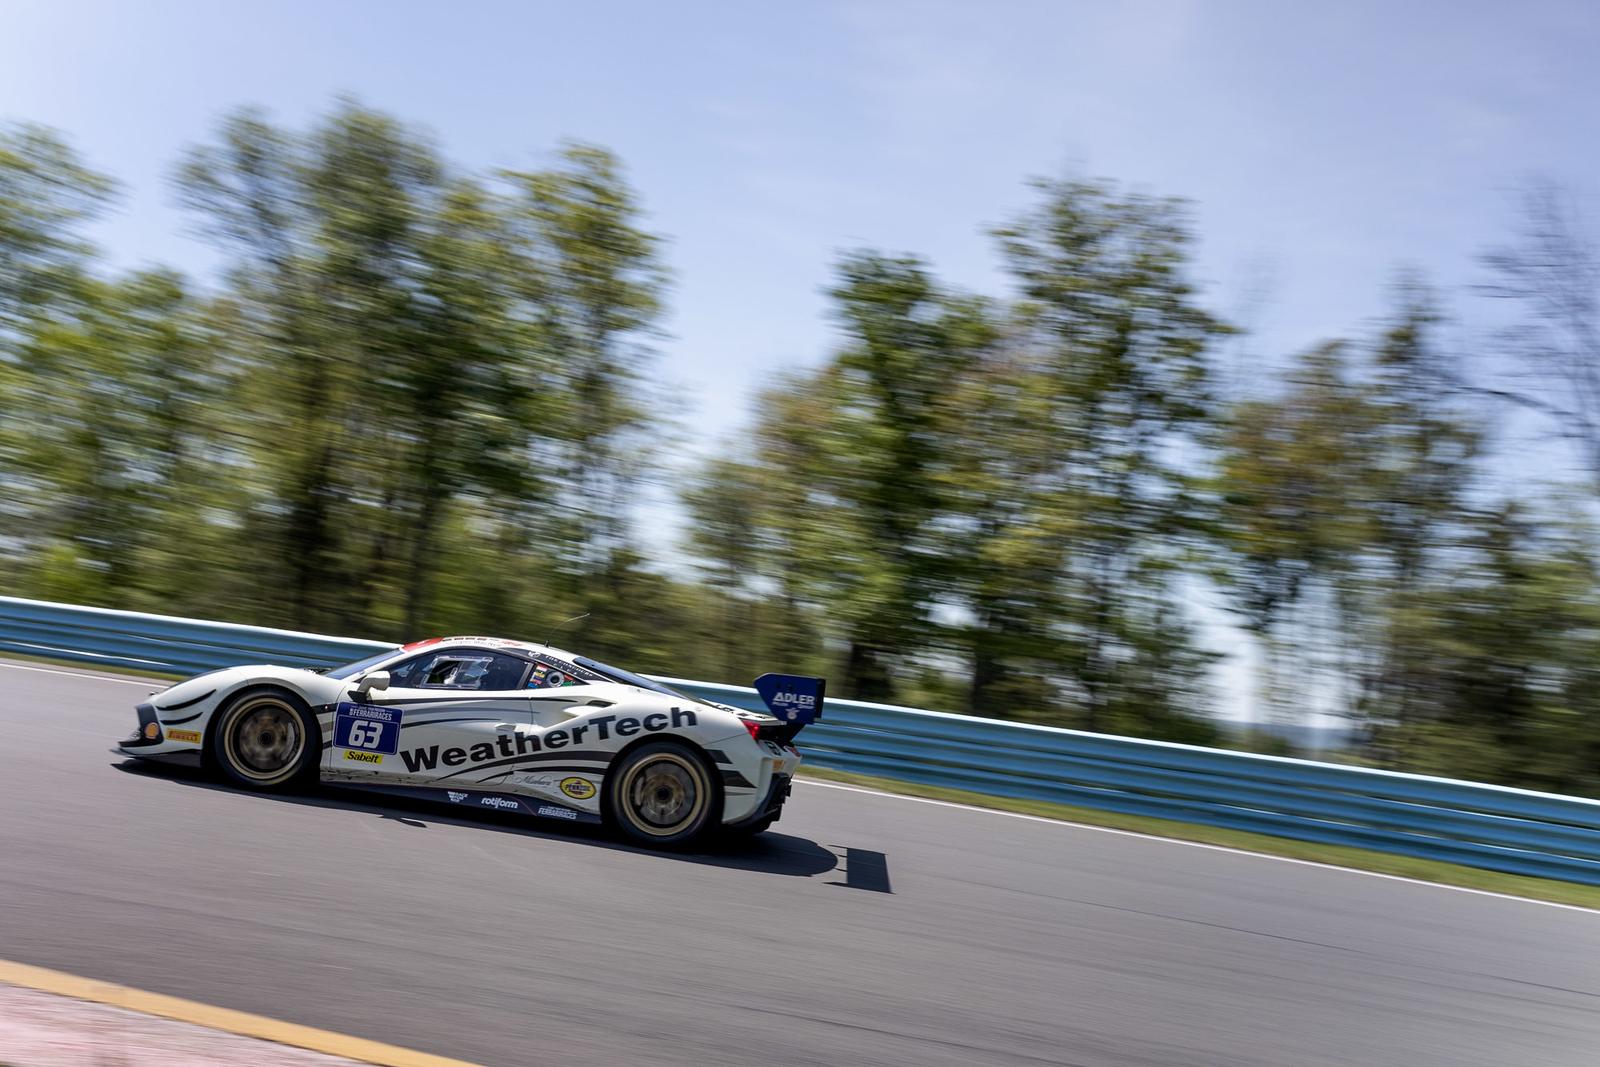 Ferrari hugging a turn.